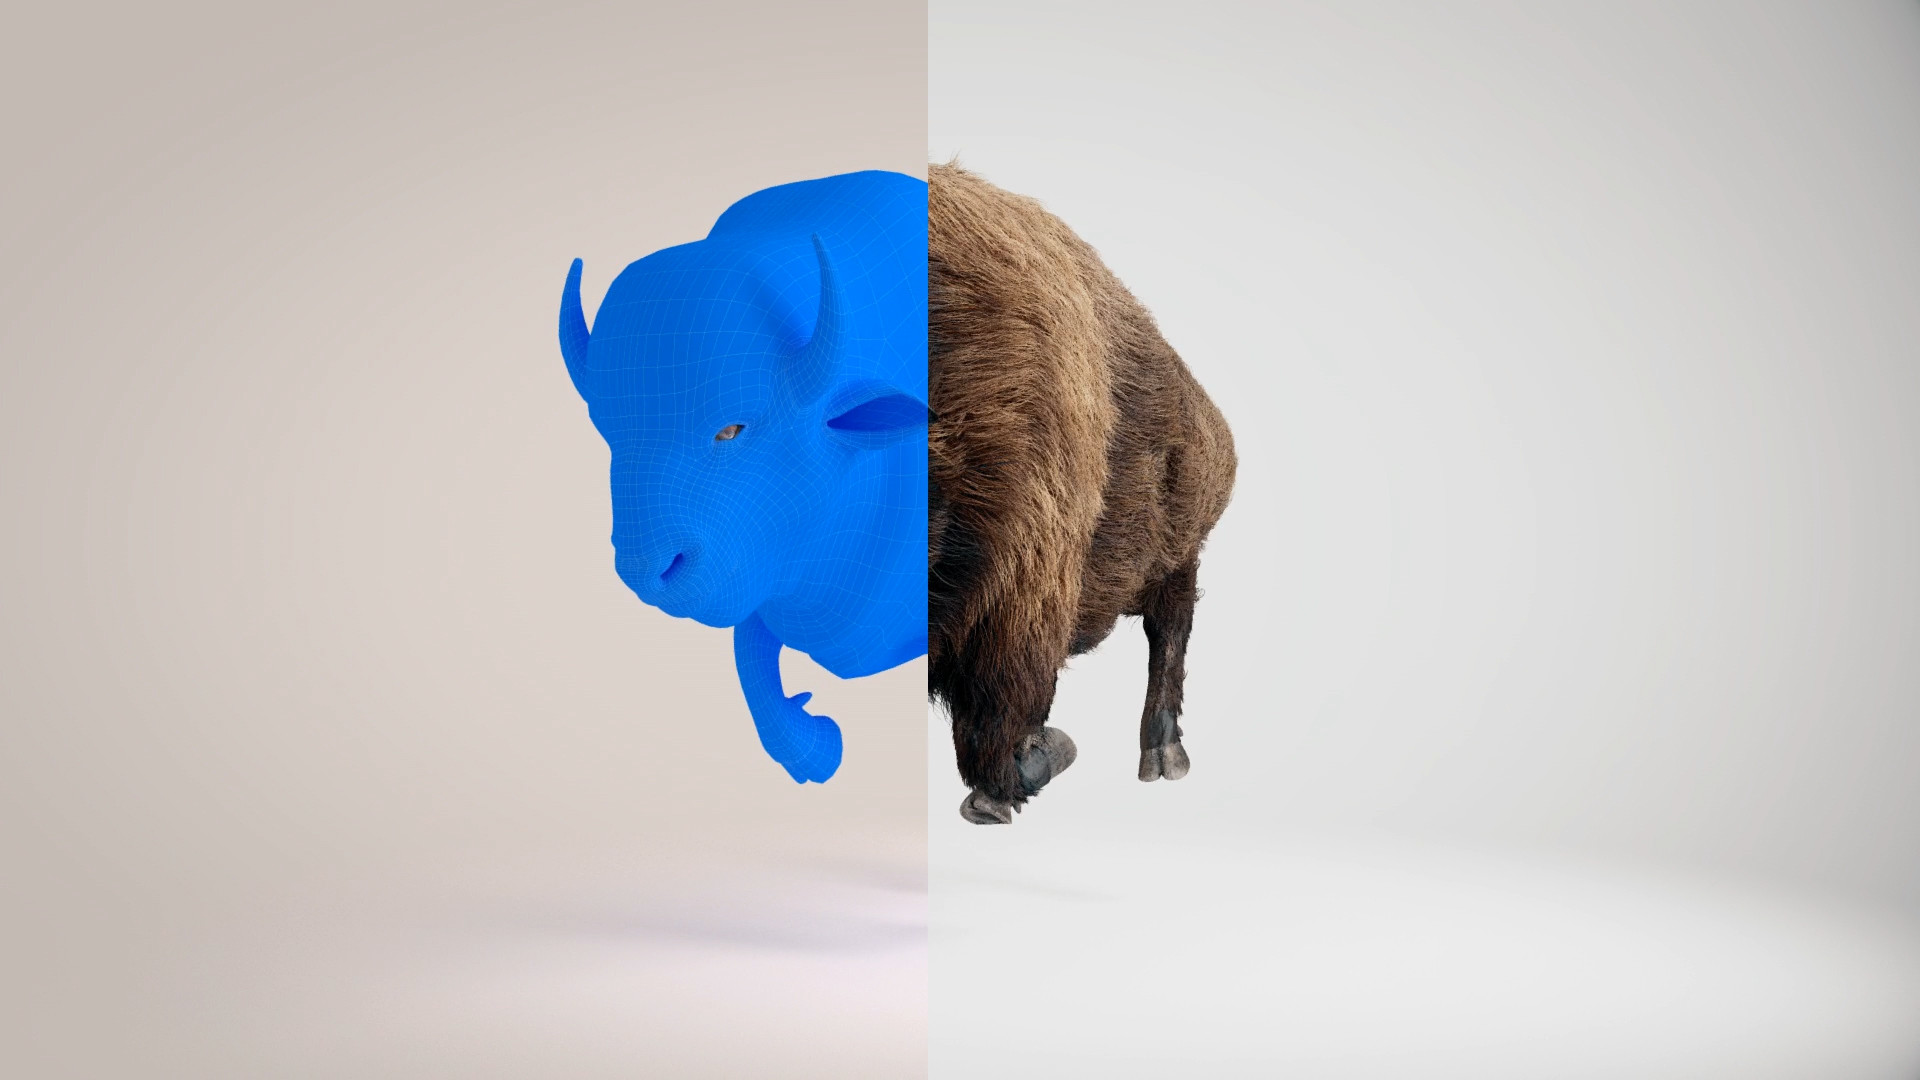 Alan kichl buffalo 01 v03 img 04